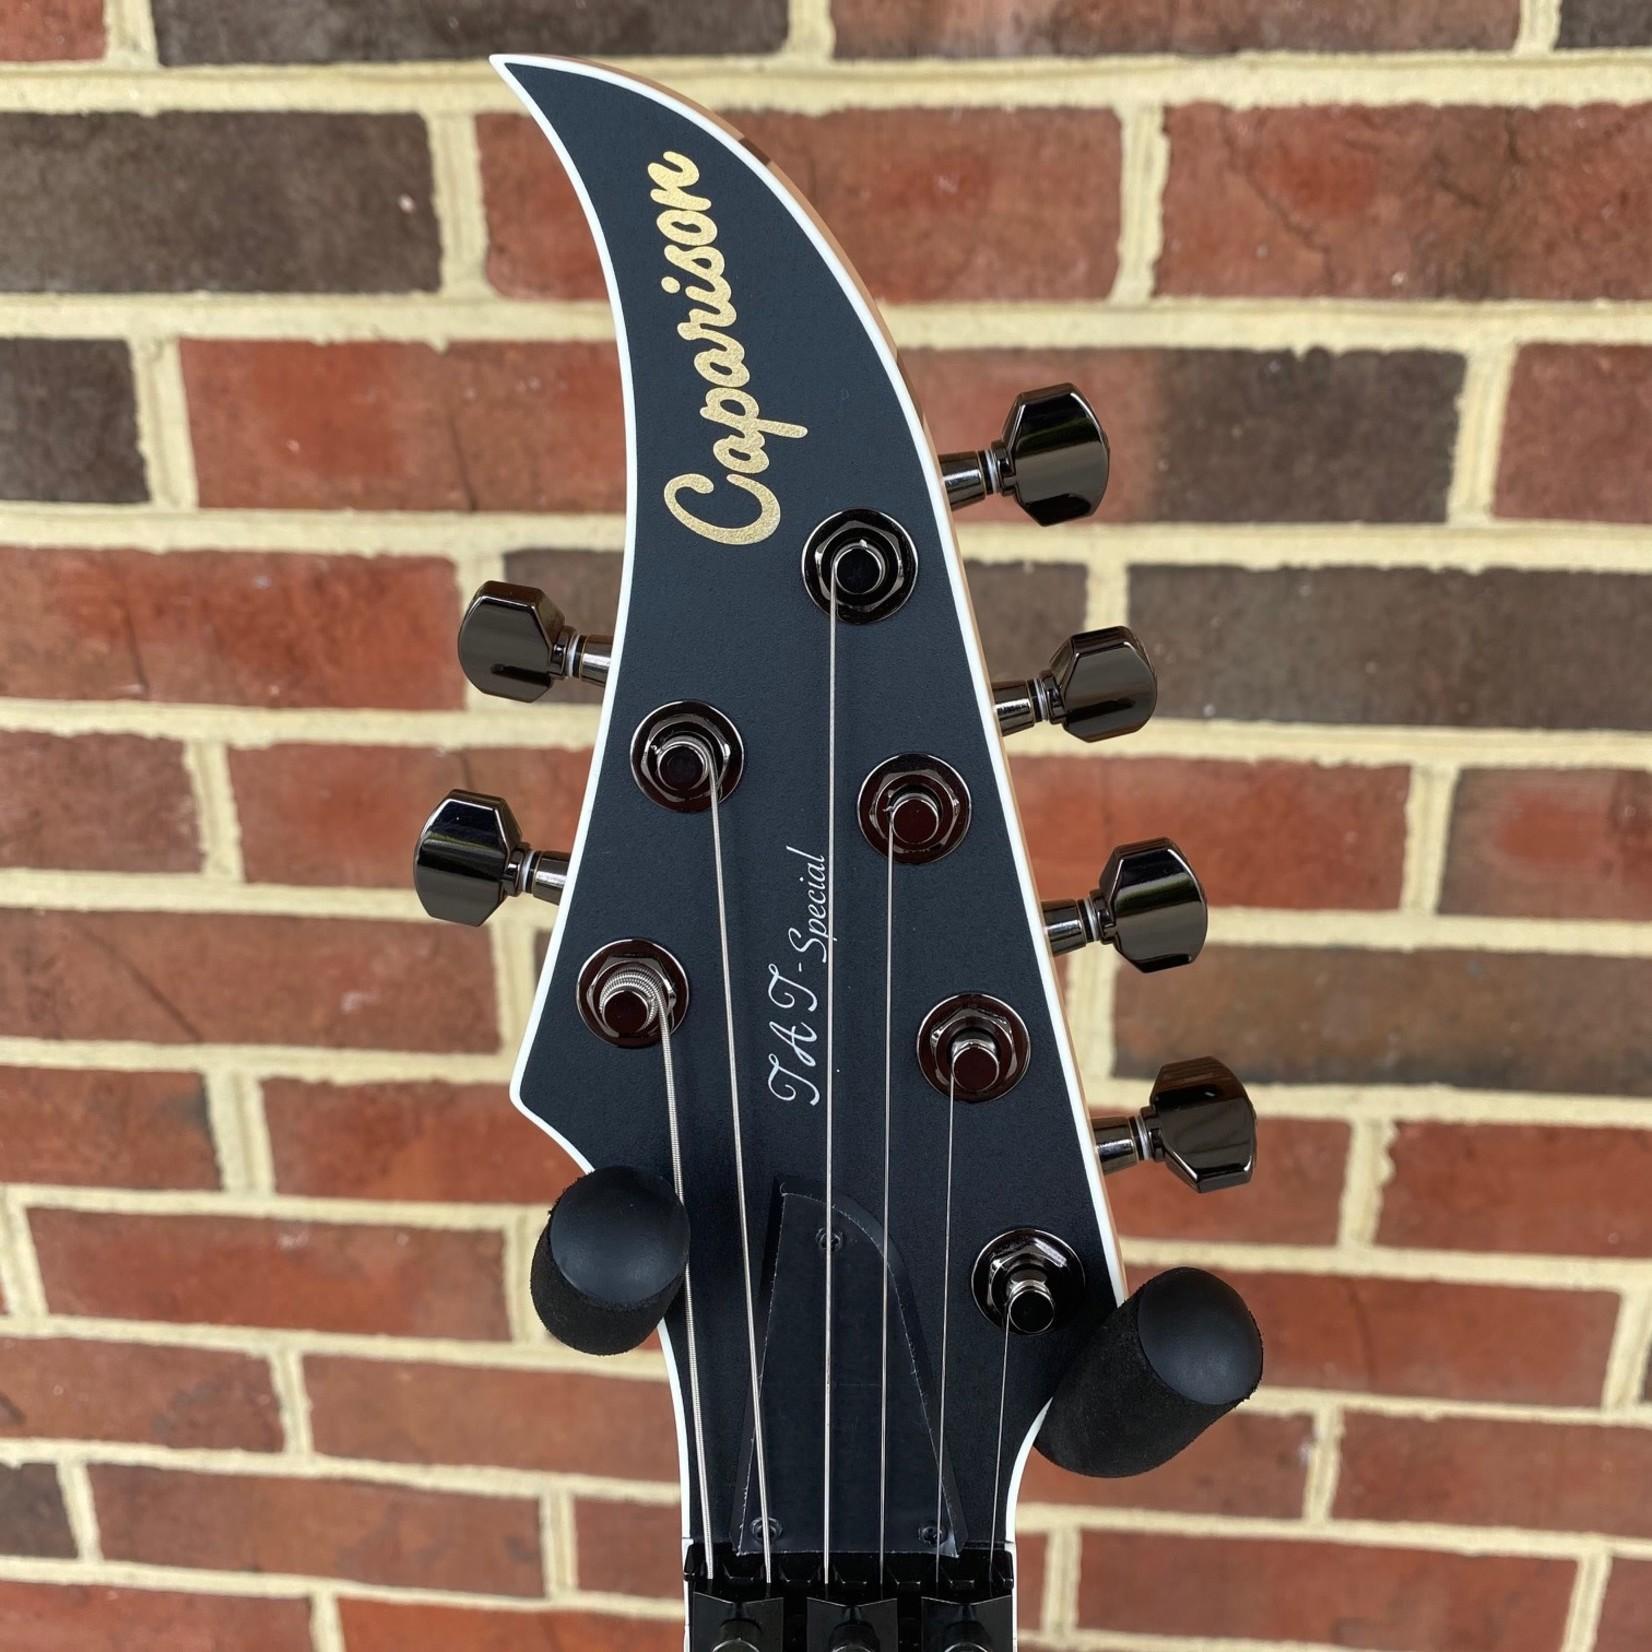 Caparison Guitars Caparison TAT Special FM, Trans Black Berry Matte